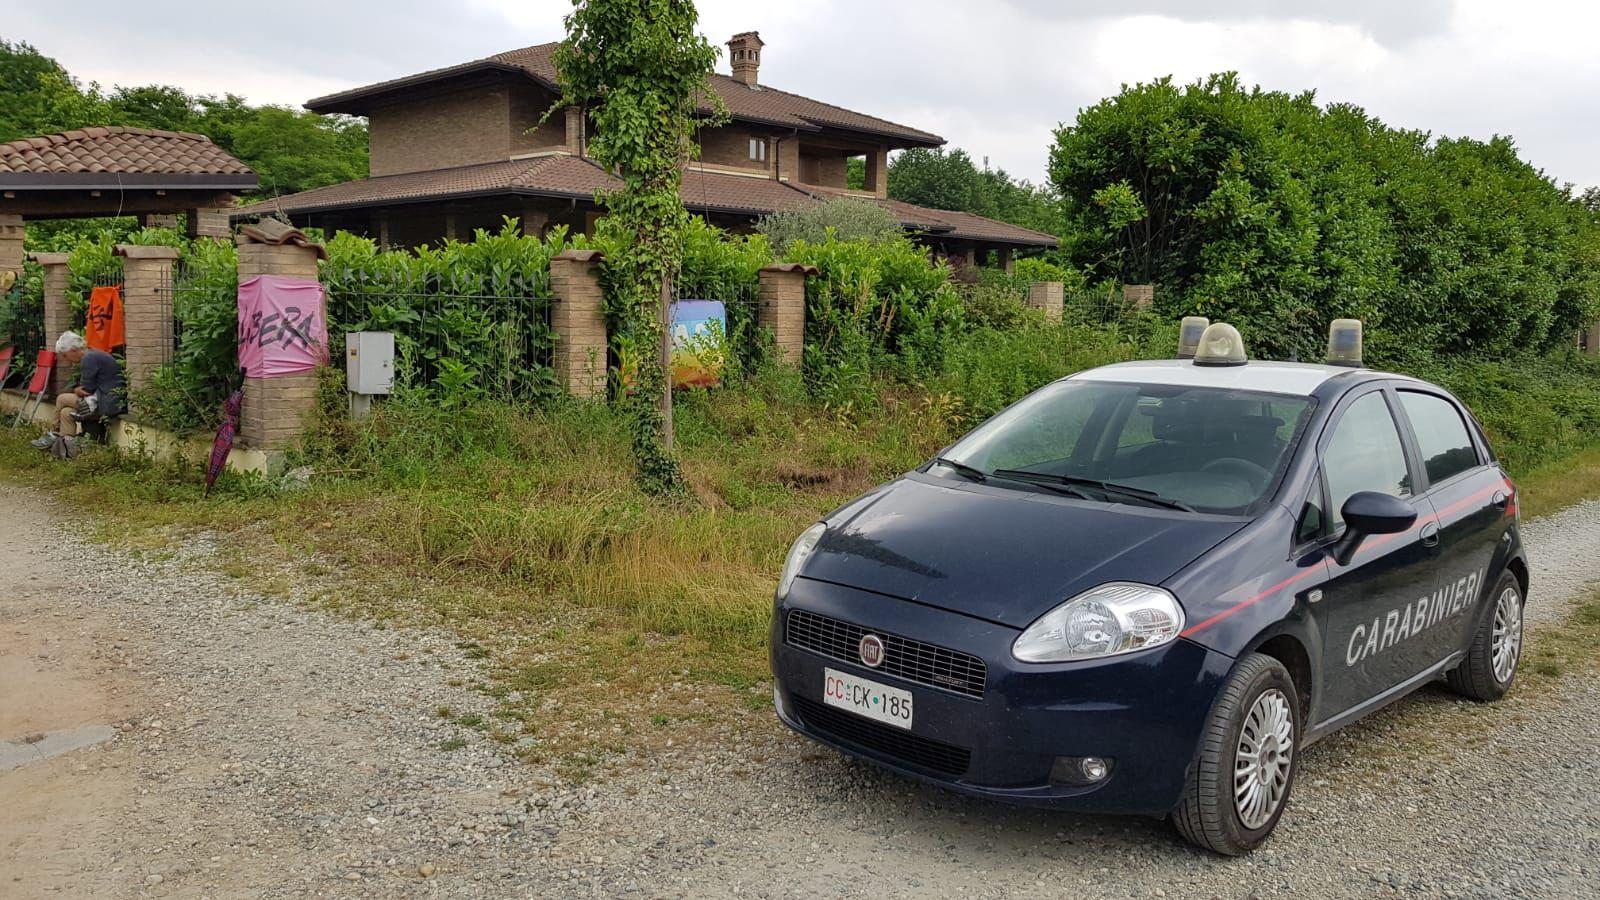 SAN GIUSTO - Arresto del latitante Assisi: plauso di Libera all'operazione